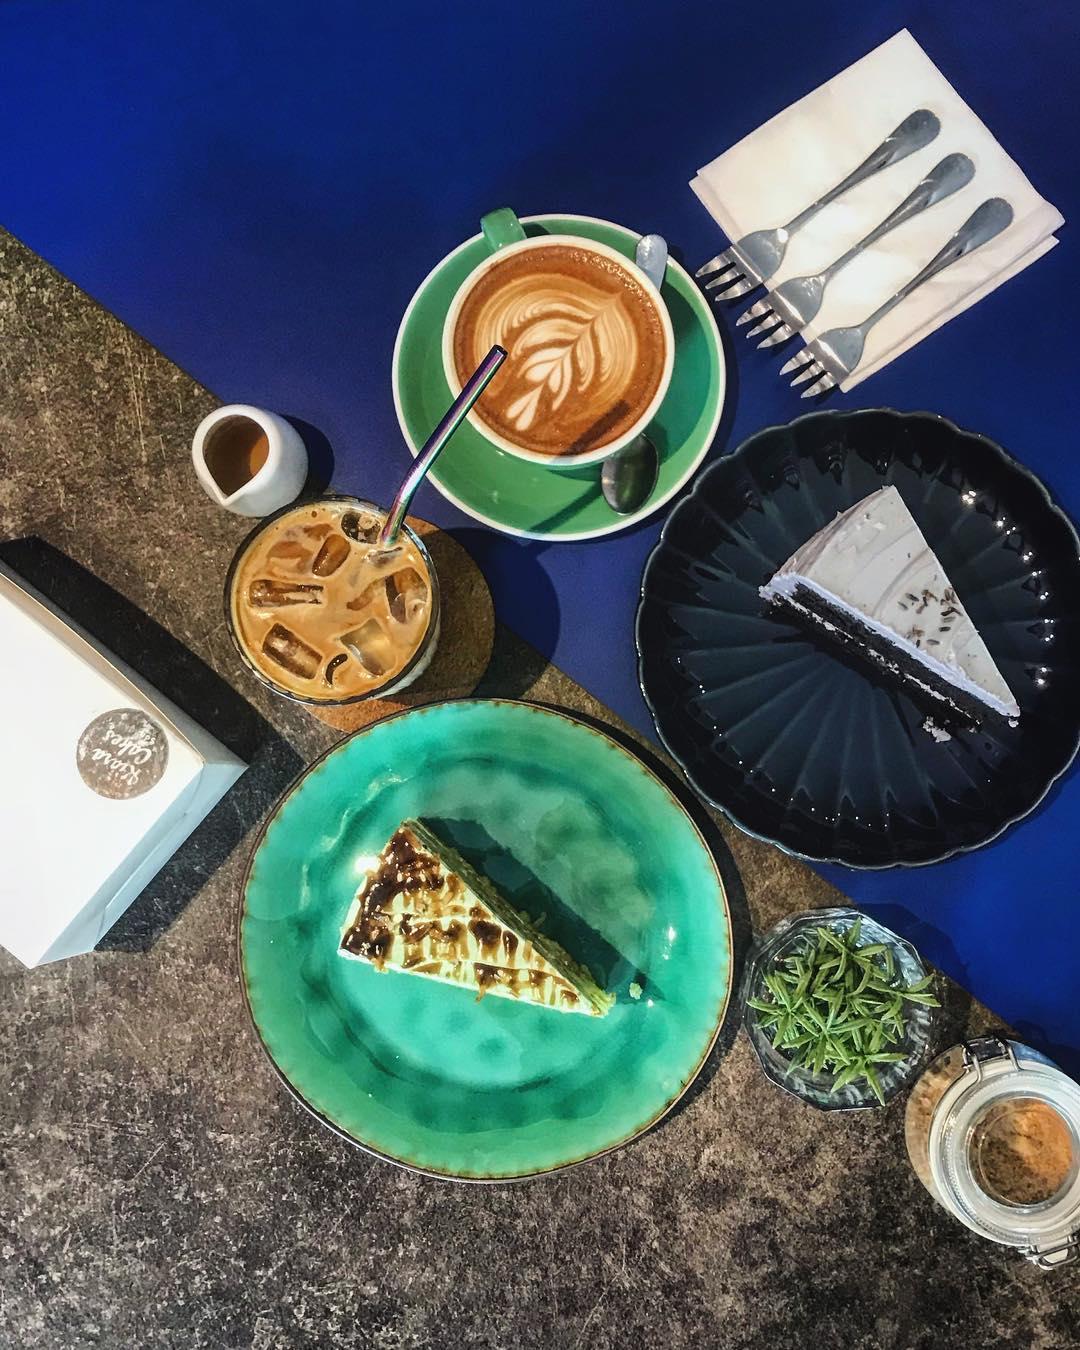 New 2019 Klang Valley Cafes Kiara Cakes